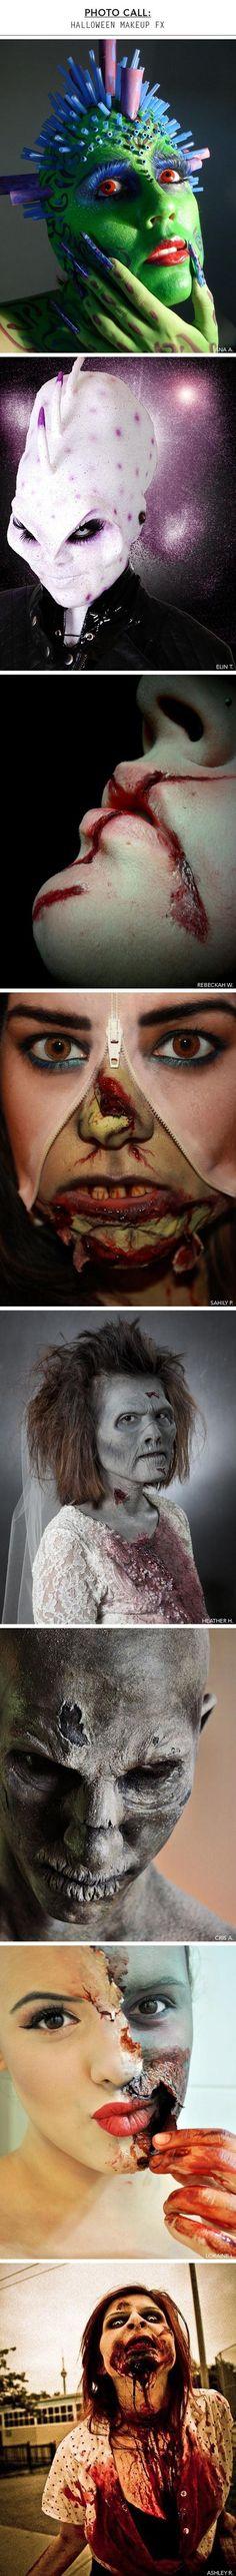 Halloween Makeup: Zombies y Otra Gente Encantadora